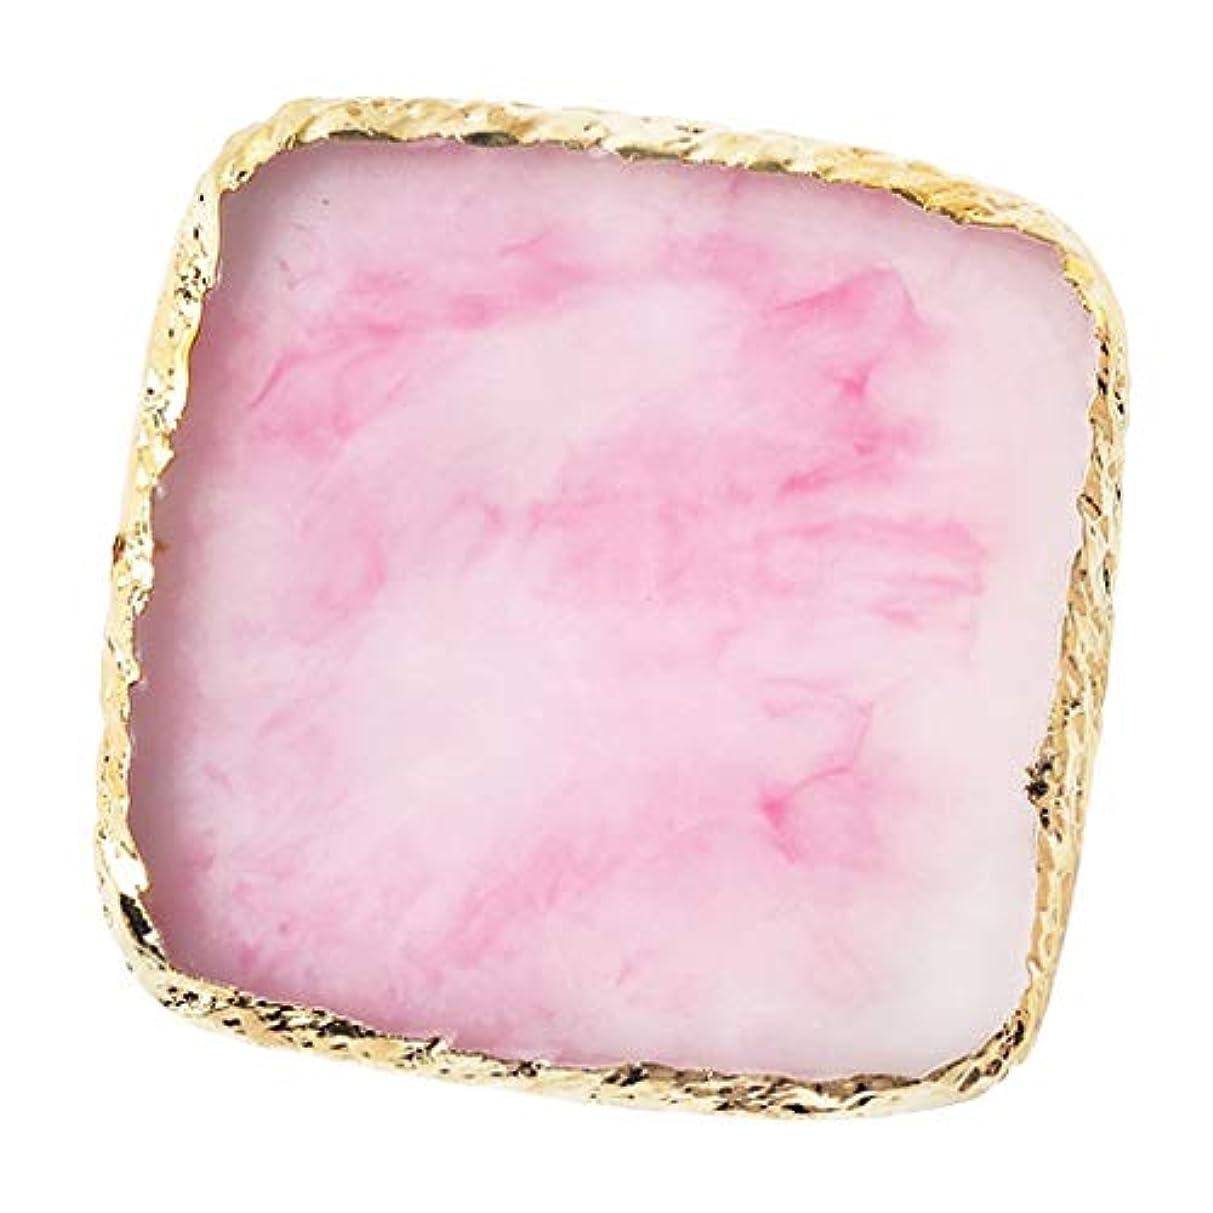 国家特権迷惑IPOTCH ネイルアート カラーブレンド ミキシングパレット 樹脂製 6色選べ - ピンク